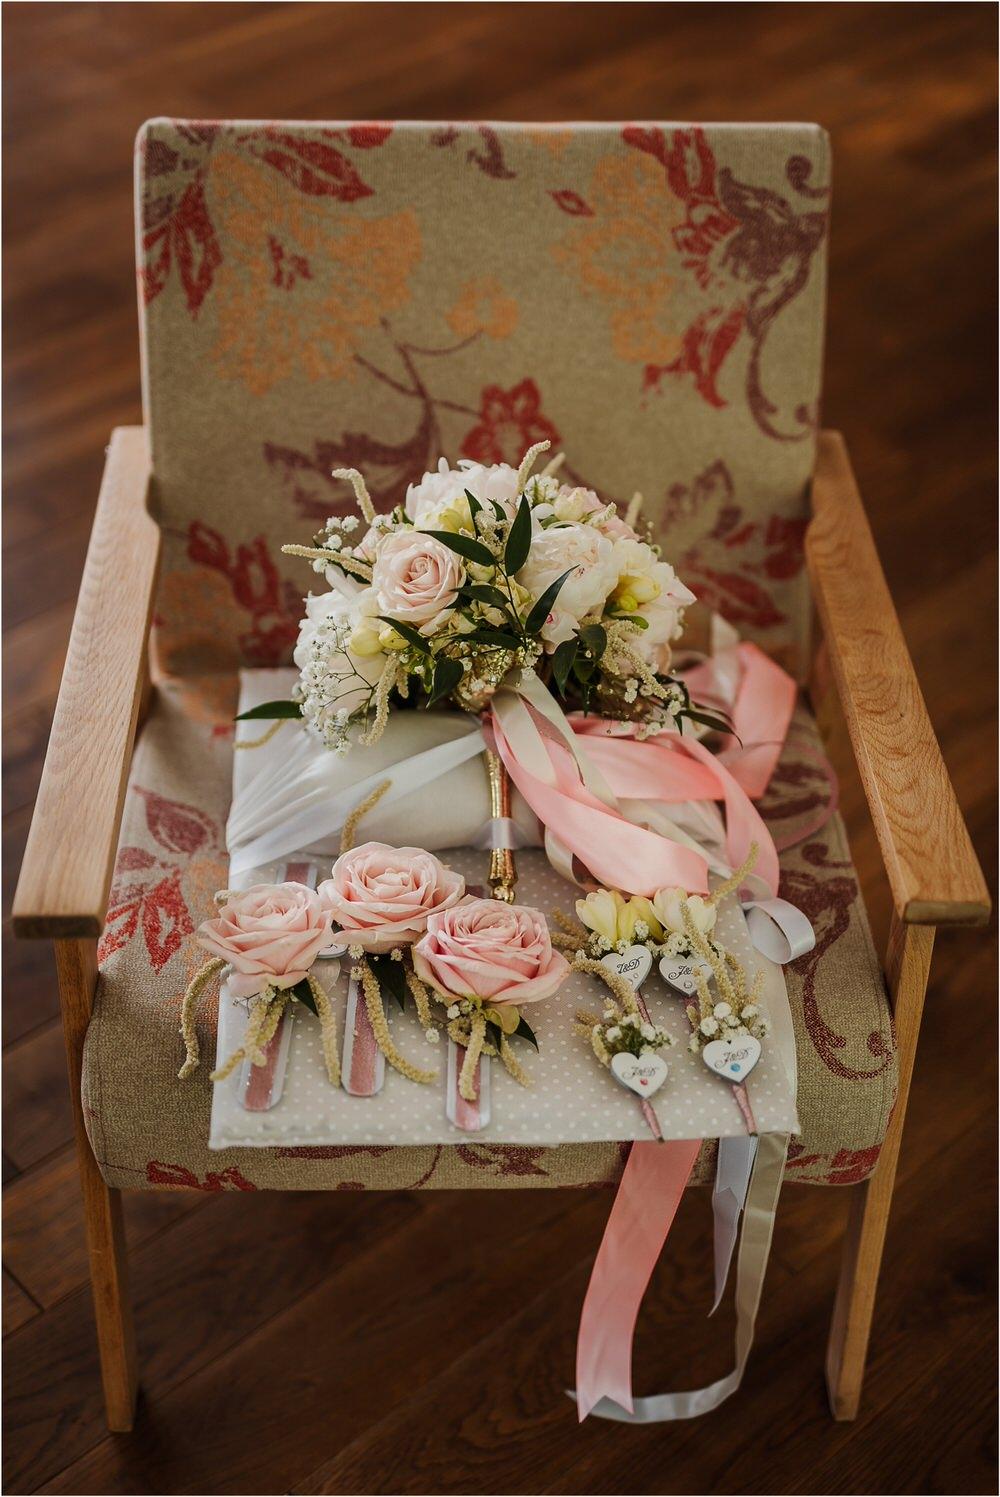 skedenj poroka porocni fotograf fotografiranje elegantna poroka rustikalna poroka pod kozolcem pcakes velesovo mdetail nika grega 0016.jpg